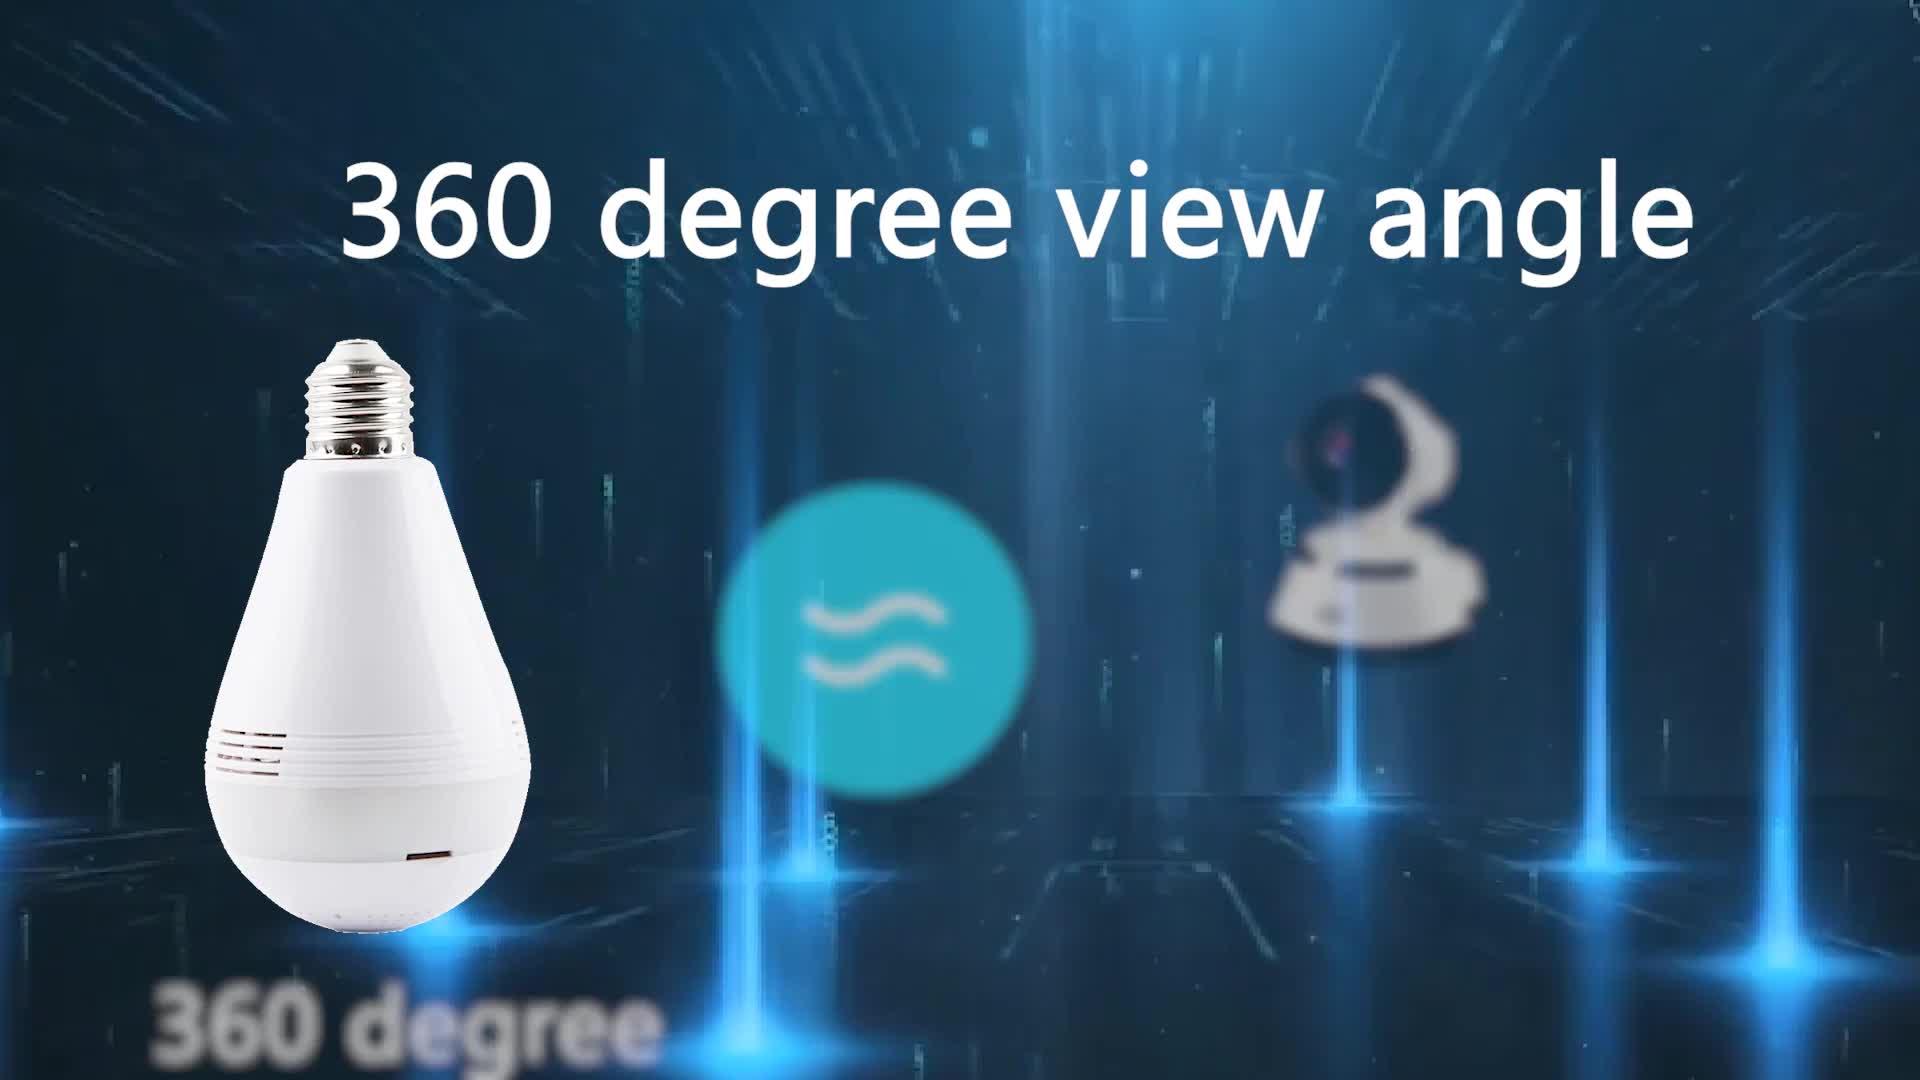 1080p fisheye छिपा प्रकाश बल्ब वायरलेस वी. आर. 360 डिग्री 3d नयनाभिराम सीसीटीवी सुरक्षा वाईफ़ाई आईपी सुरक्षा कैमरा